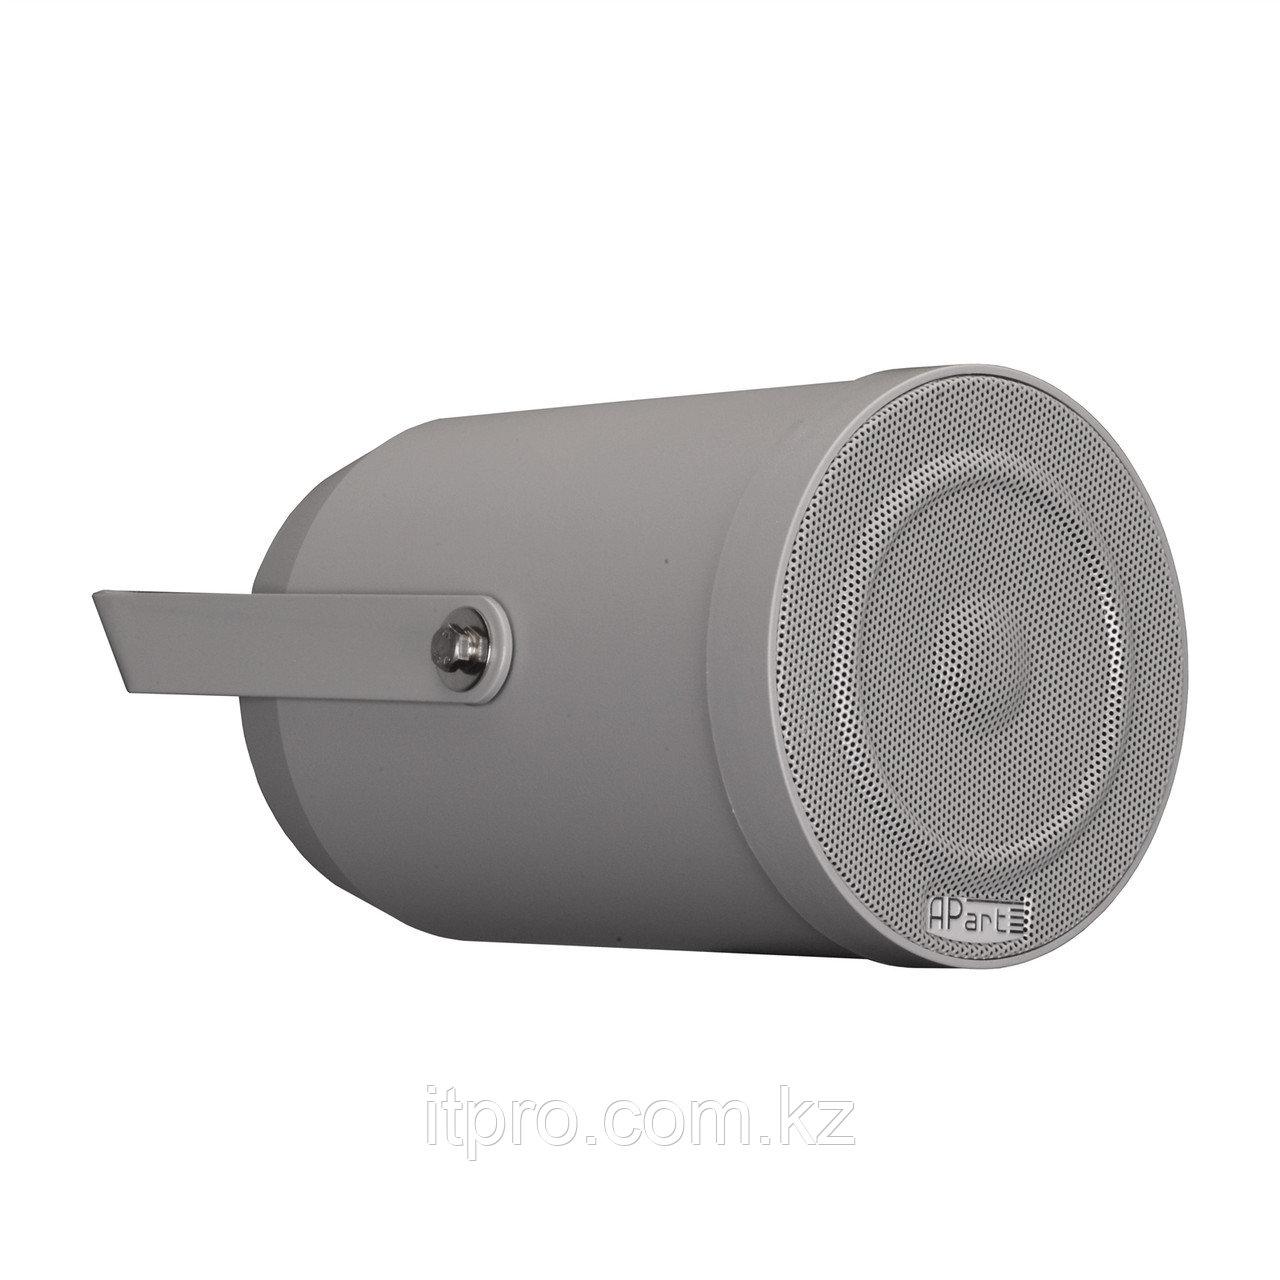 Звуковой прожектор Apart MP16-G